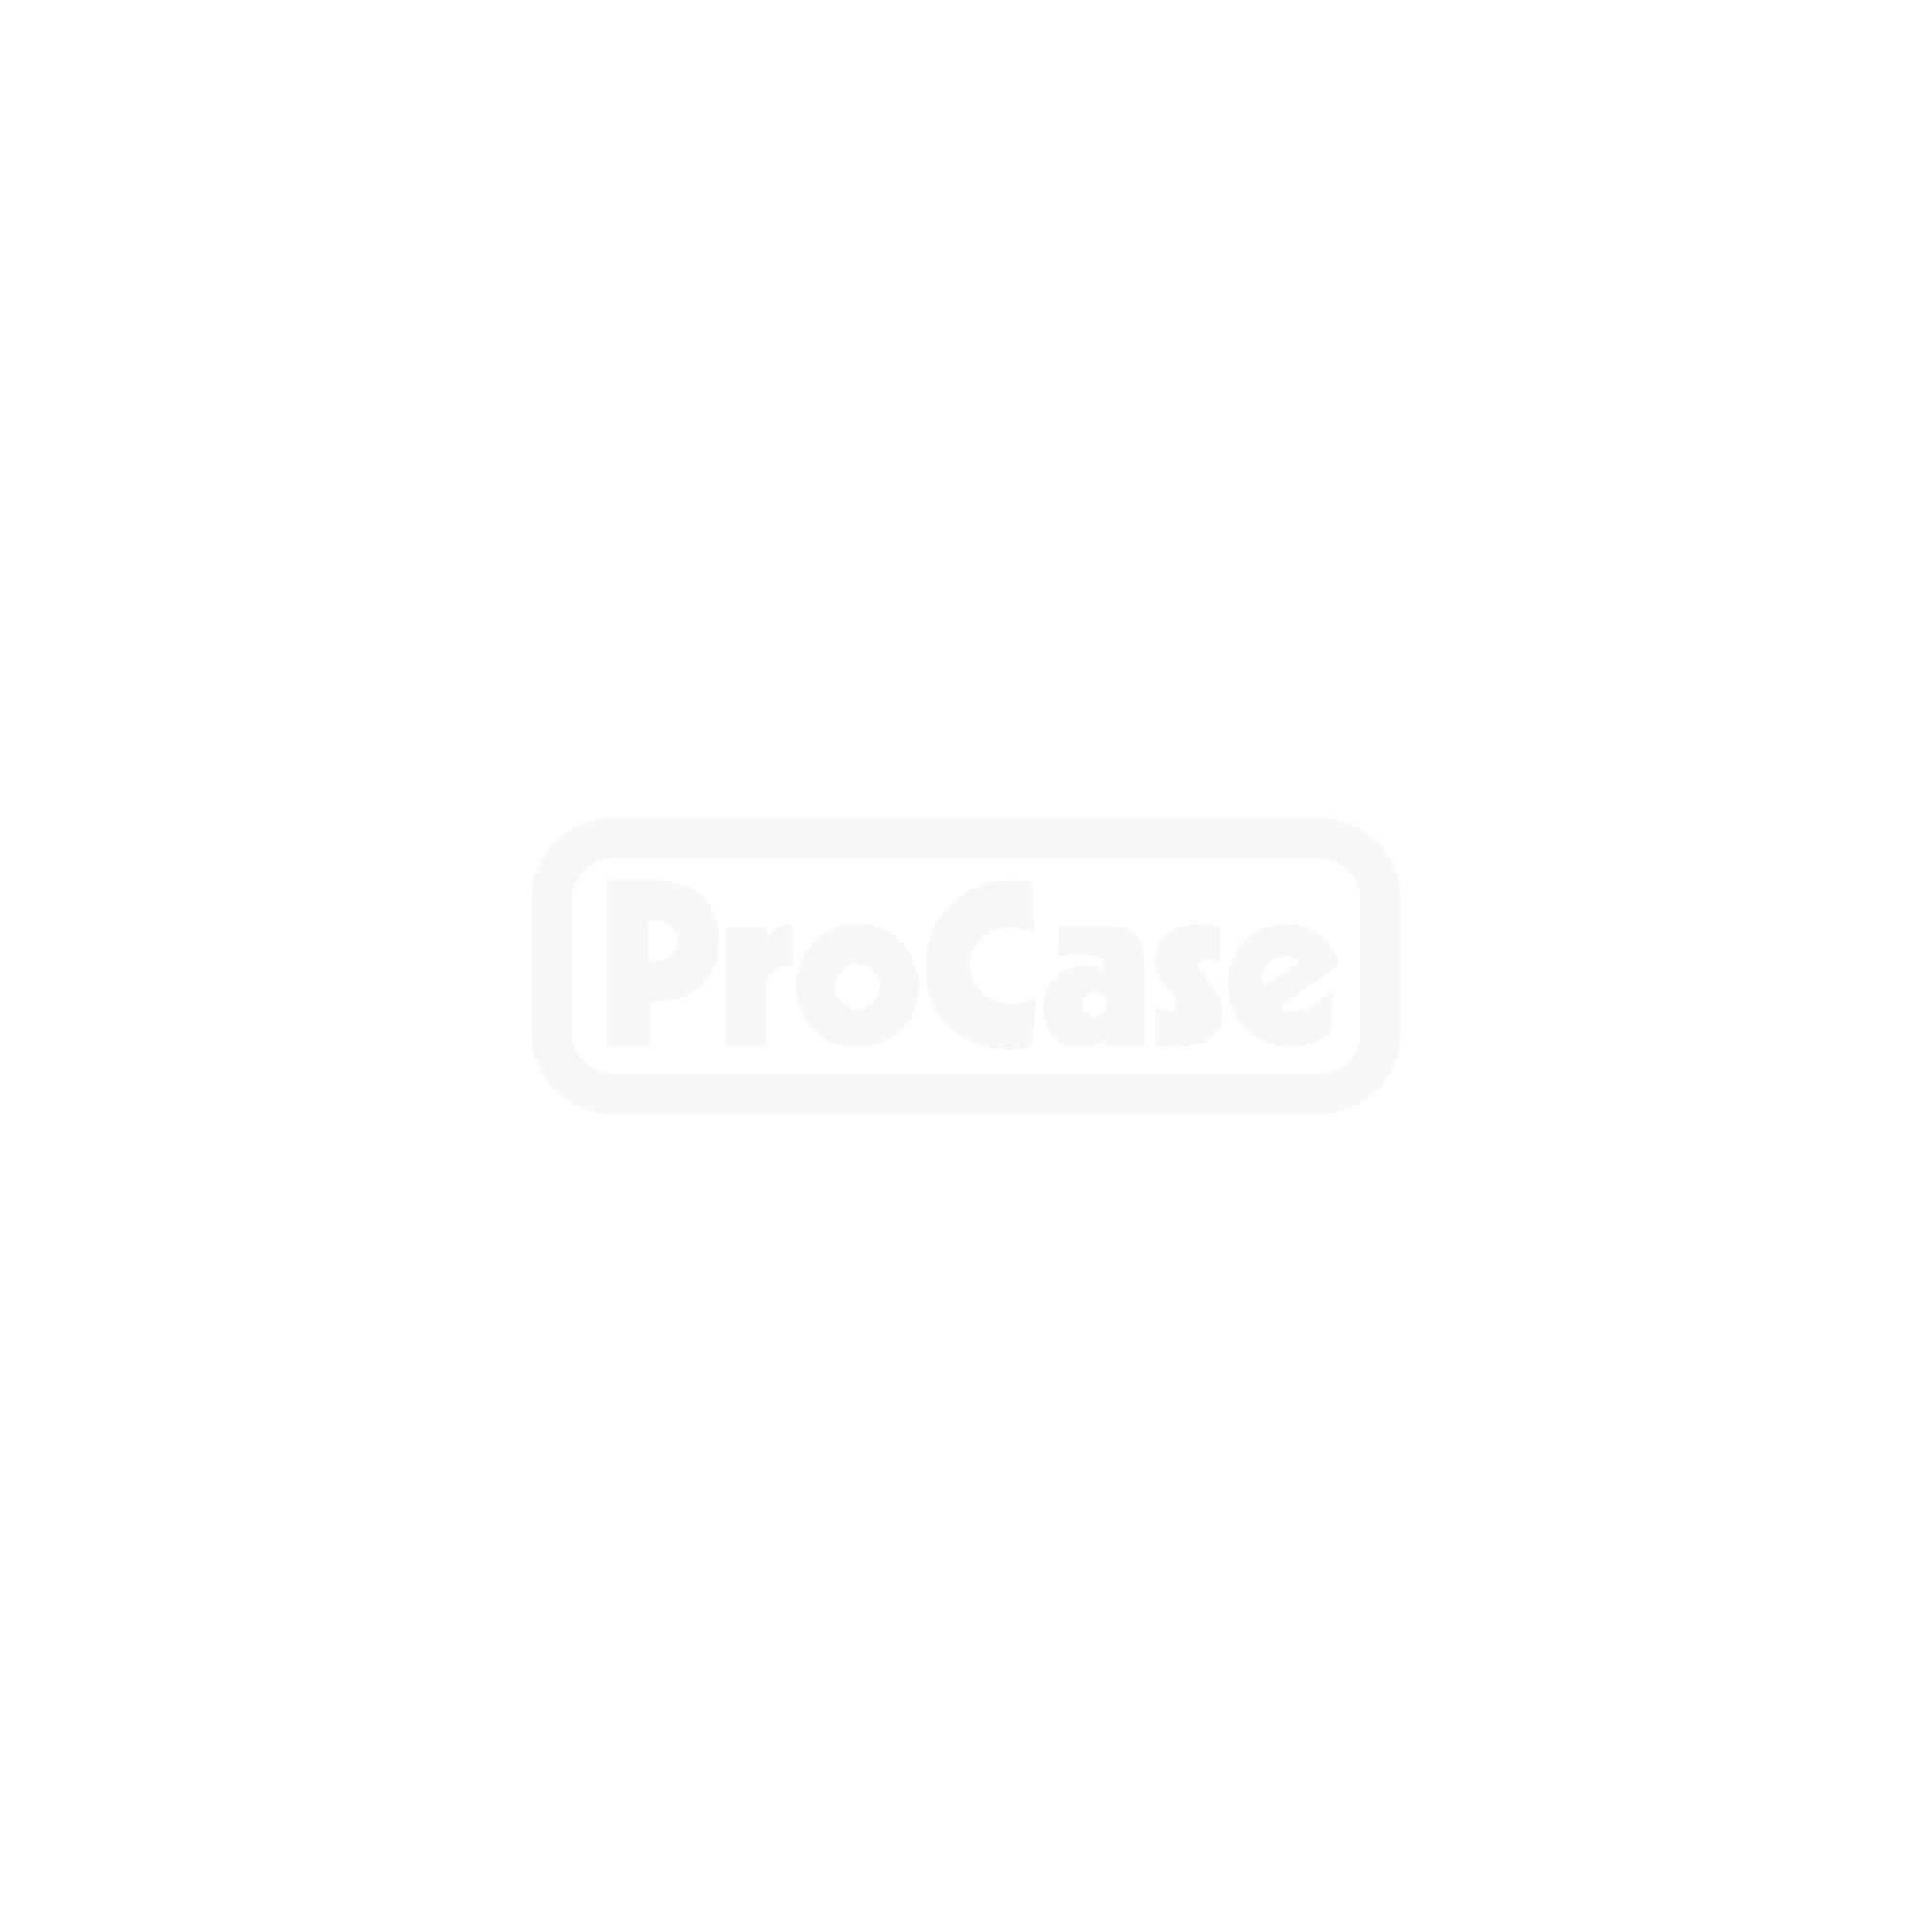 Flightcase Truhe für 4 St. Chainmaster BGV-8D+ 160 kg 2